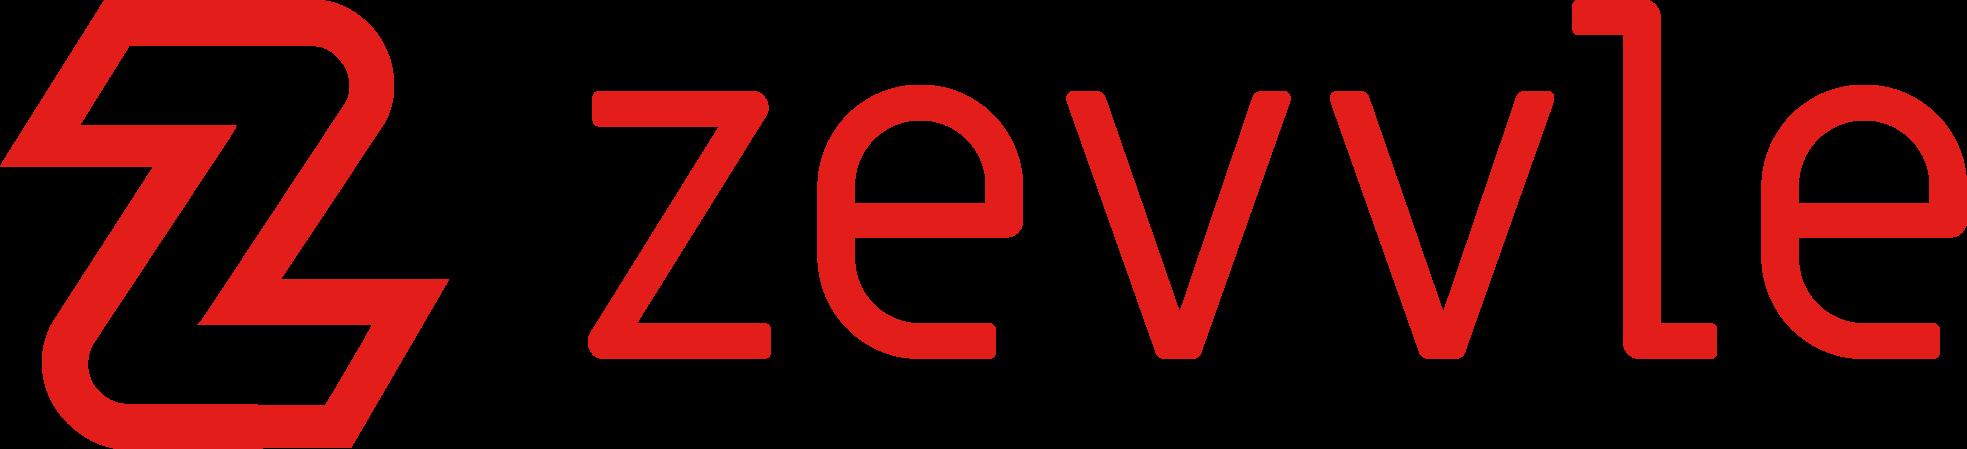 Zevvle Community